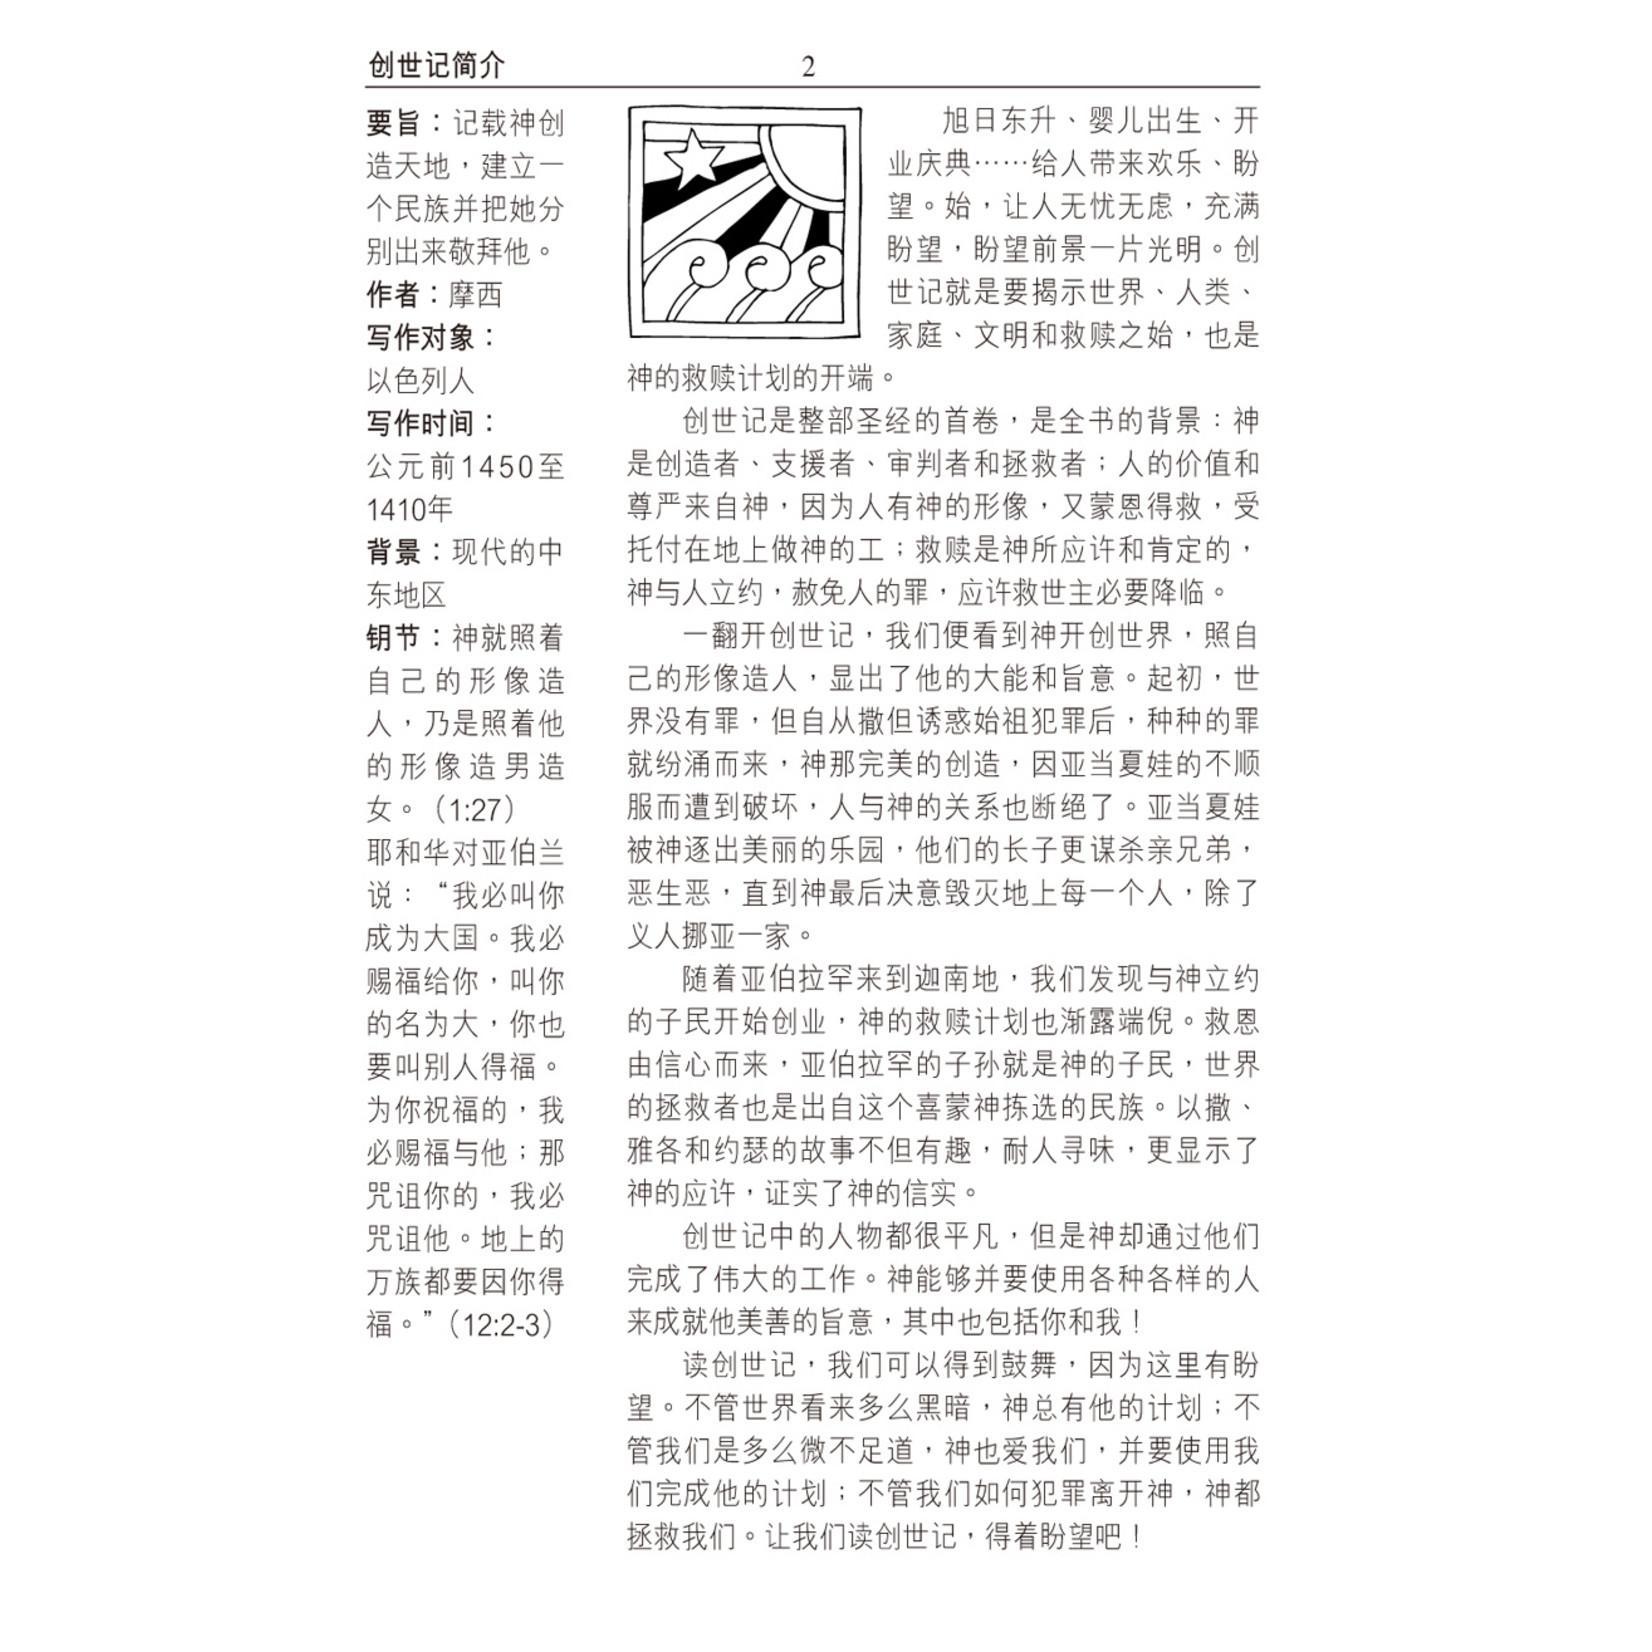 漢語聖經協會 Chinese Bible International 聖經.和合本.祈祷应许版.袖珍本.拇指版.蓝色仿皮面.银边.拉链